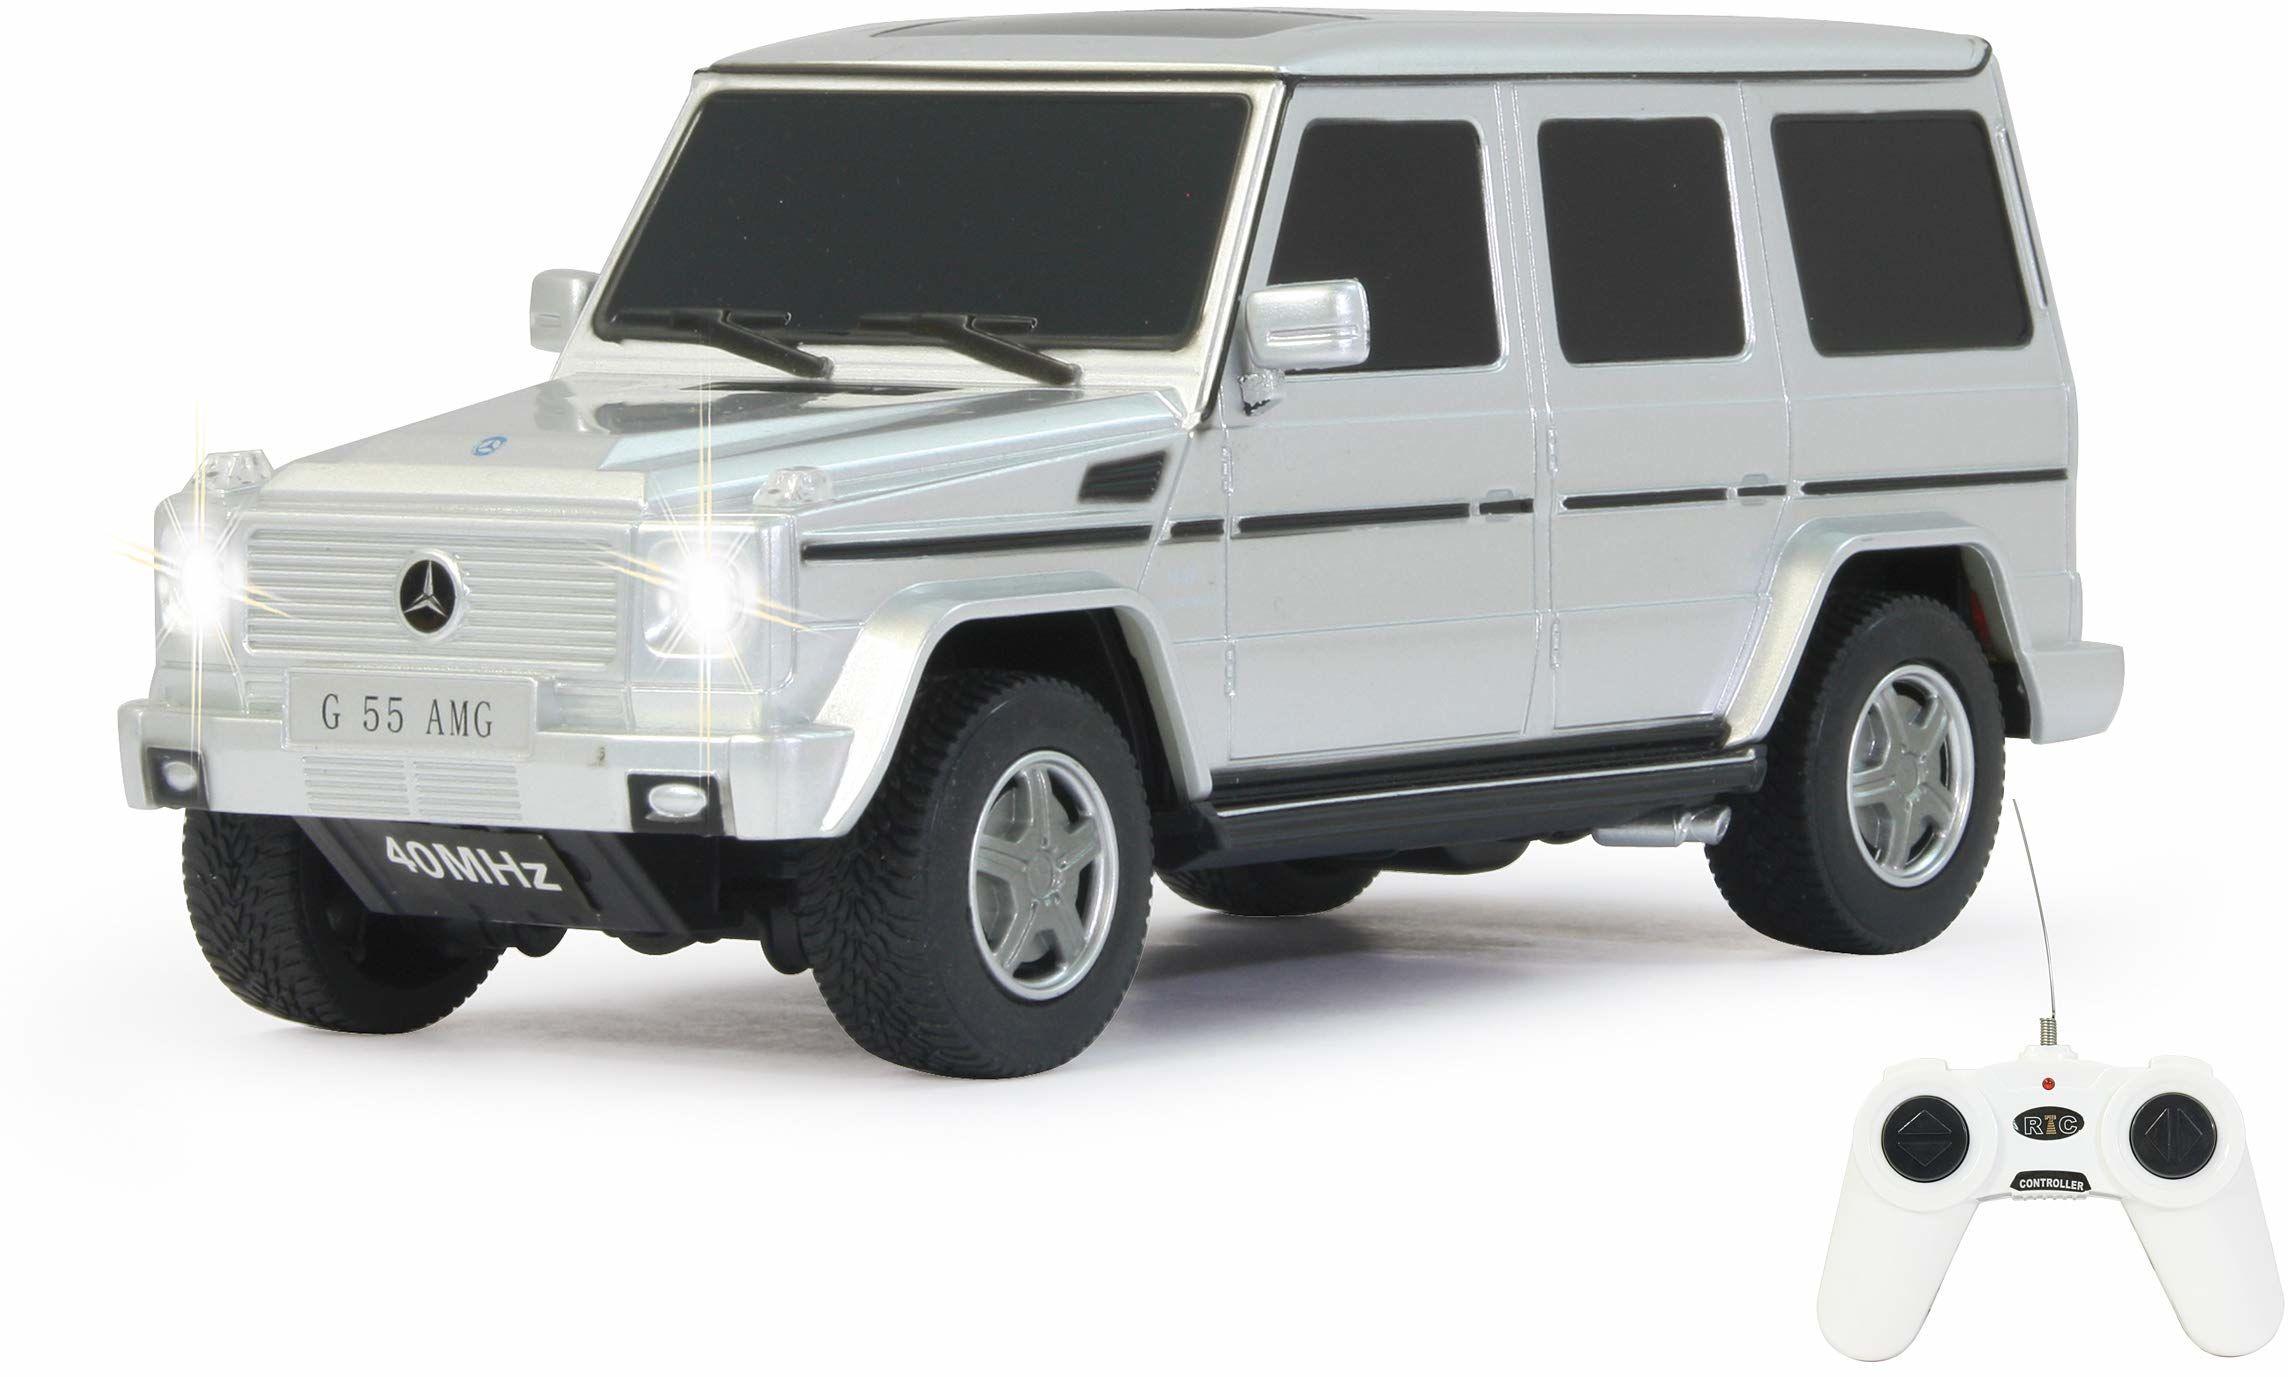 Jamara 404016 Auto Mercedes-Benz G55 AMG 1:24 40 MHz, 1 godzina jazdy przy ok. 9 km/h, perfekcyjnie odwzorowane szczegóły, wysoka jakość wykonania, srebrny